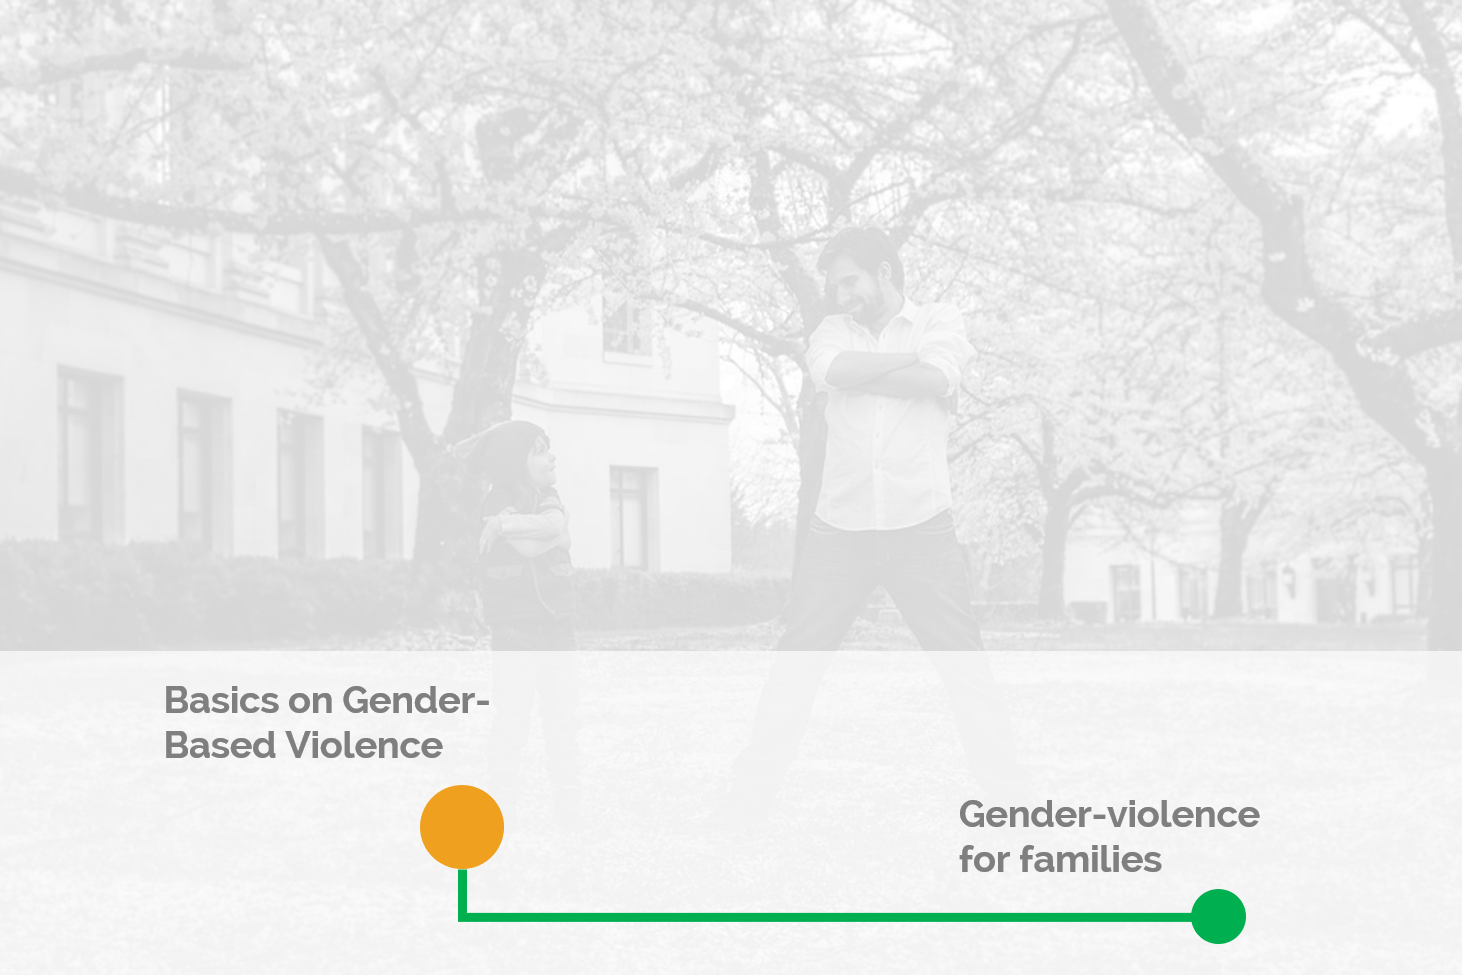 Έμφυλη βία για οικογένειες